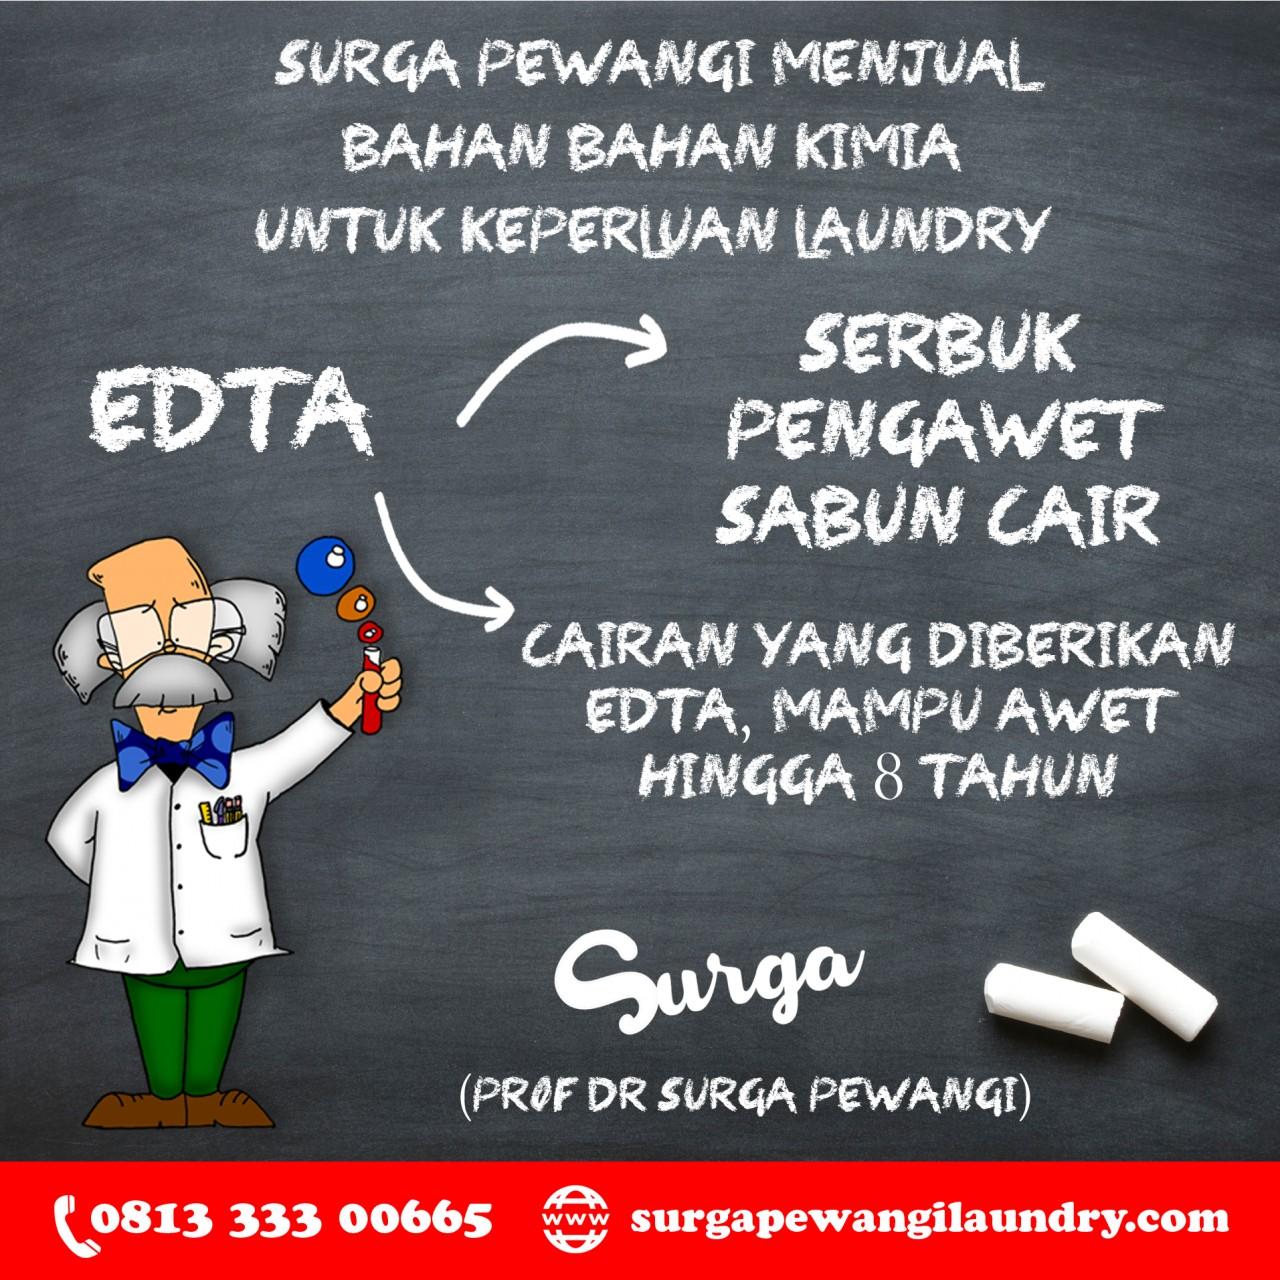 Edta 1 1280x1280 - Rawat Pakaian Dengan Deterjen Laundry Yang Bagus